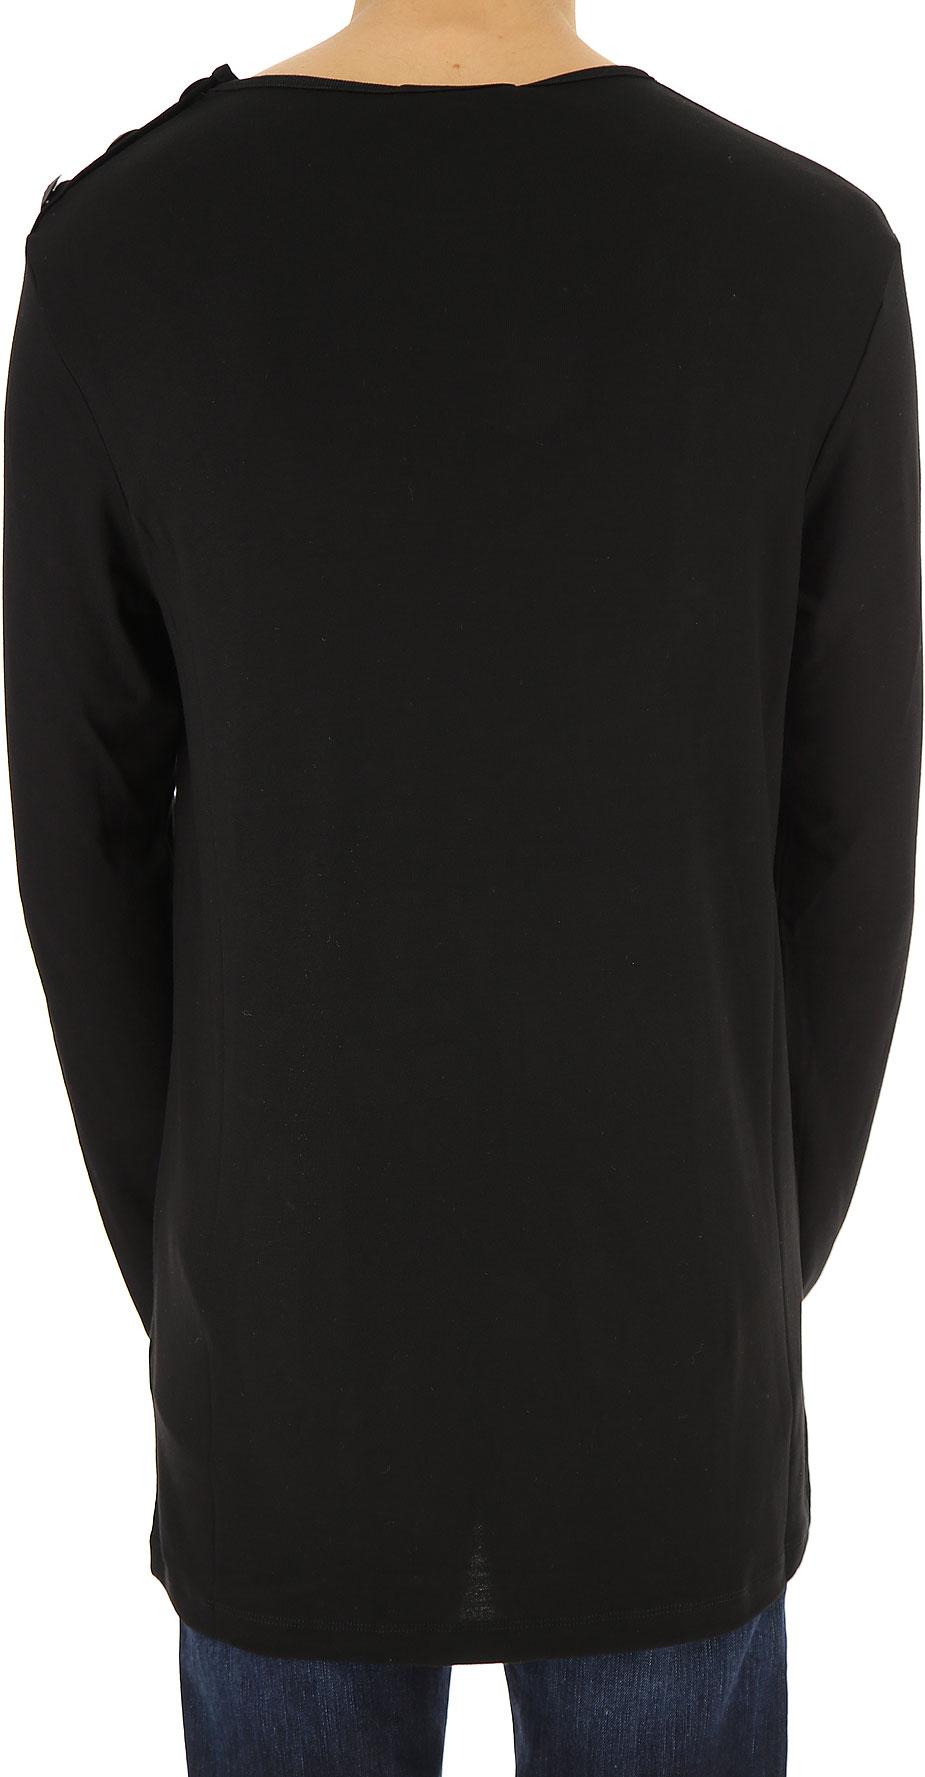 Abbigliamento Uomo Balmain, Codice Articolo: hp67209-a7295-905